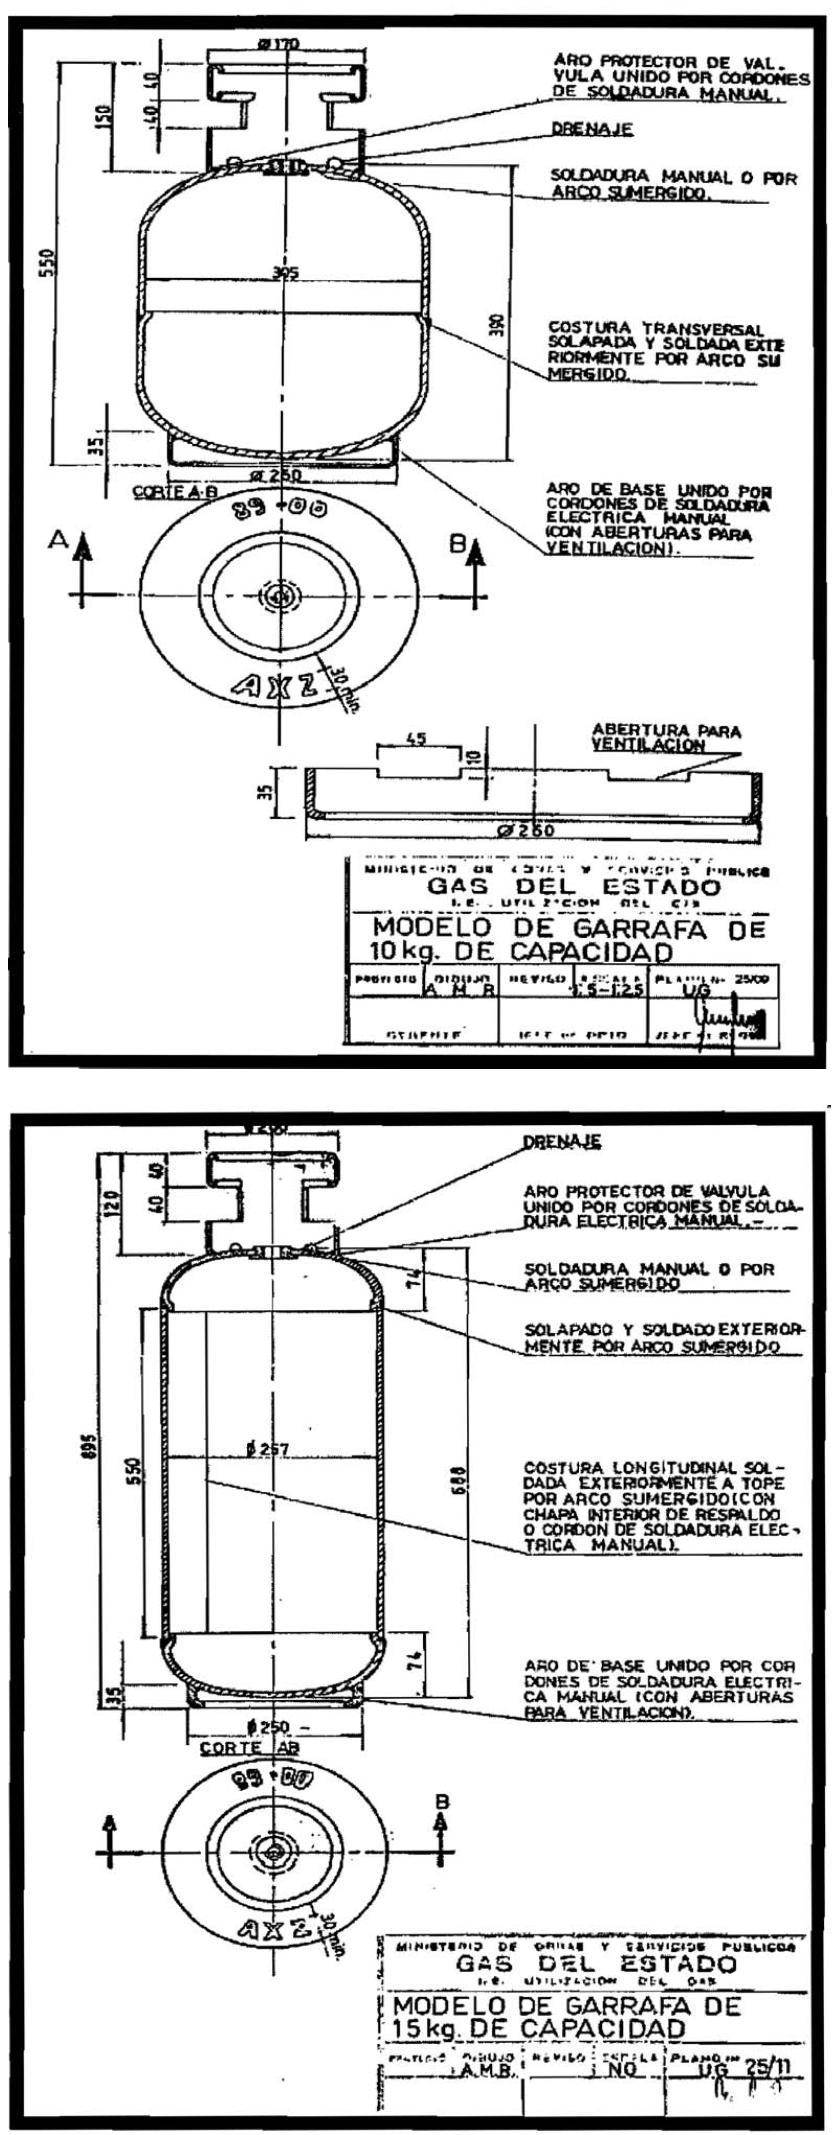 Infoleg ministerio de econom a y finanzas p blicas for Estanques de gas licuado